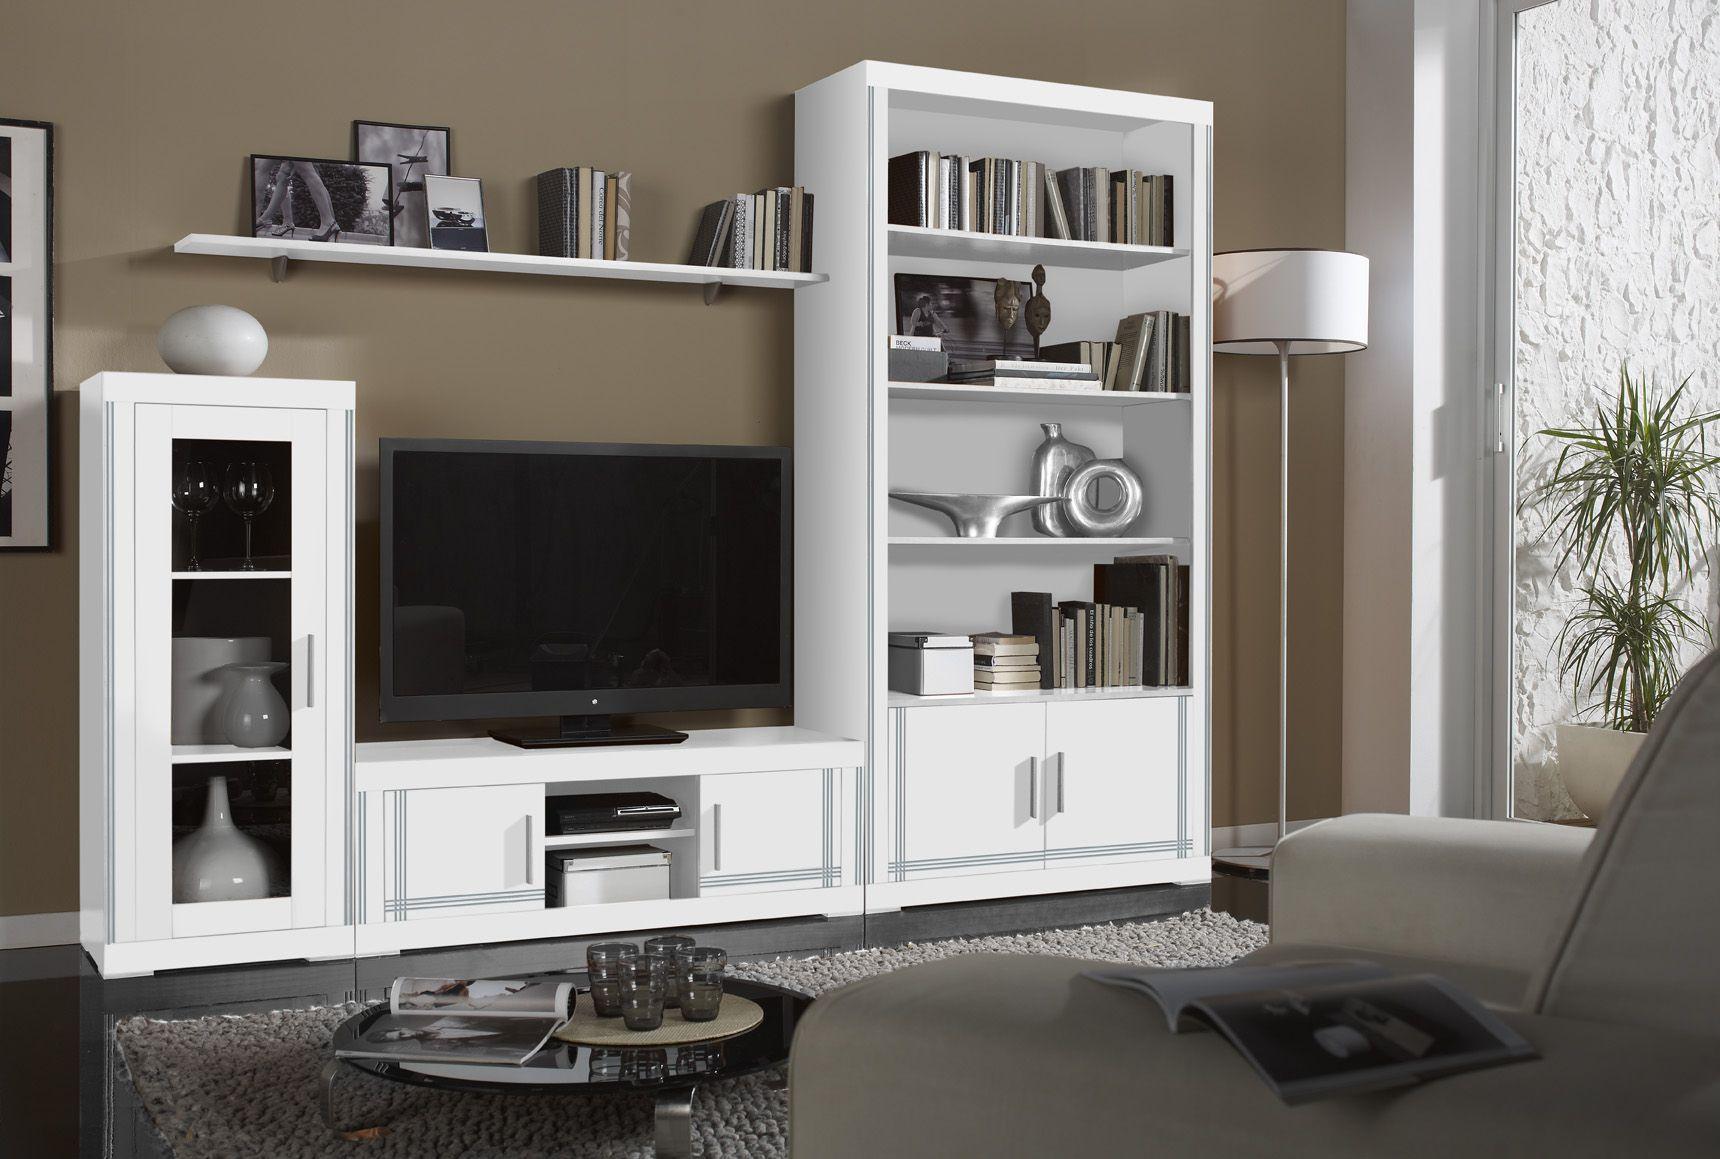 Mueble de pino macizo, lacado en blanco, fabricado en España ...